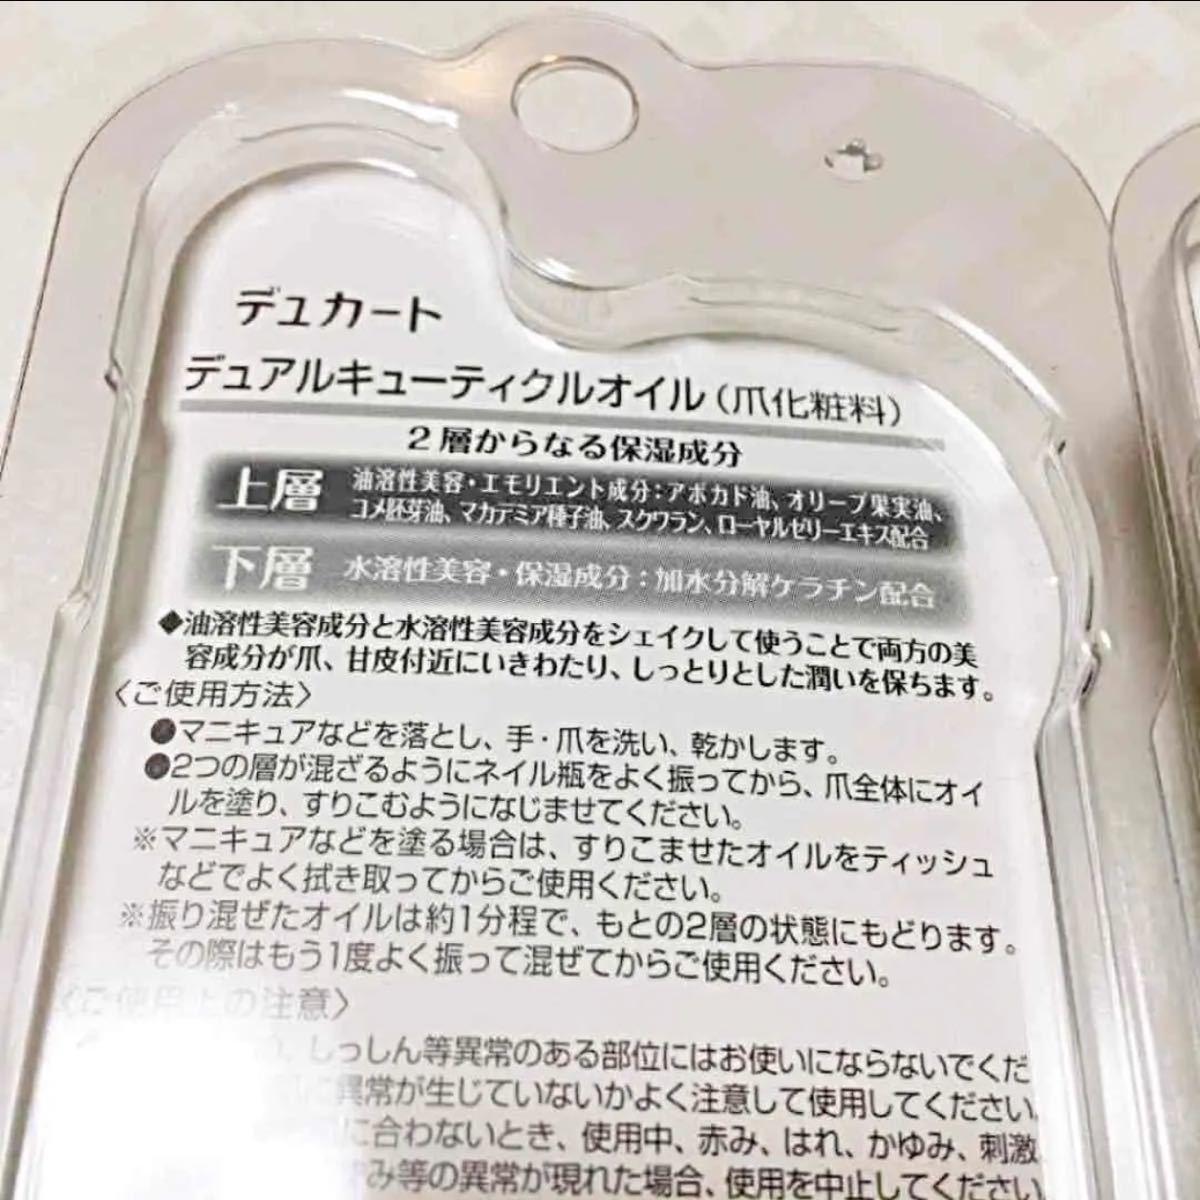 ★新品・未使用★ デュカート デュアルキューティクルオイル 2本セット